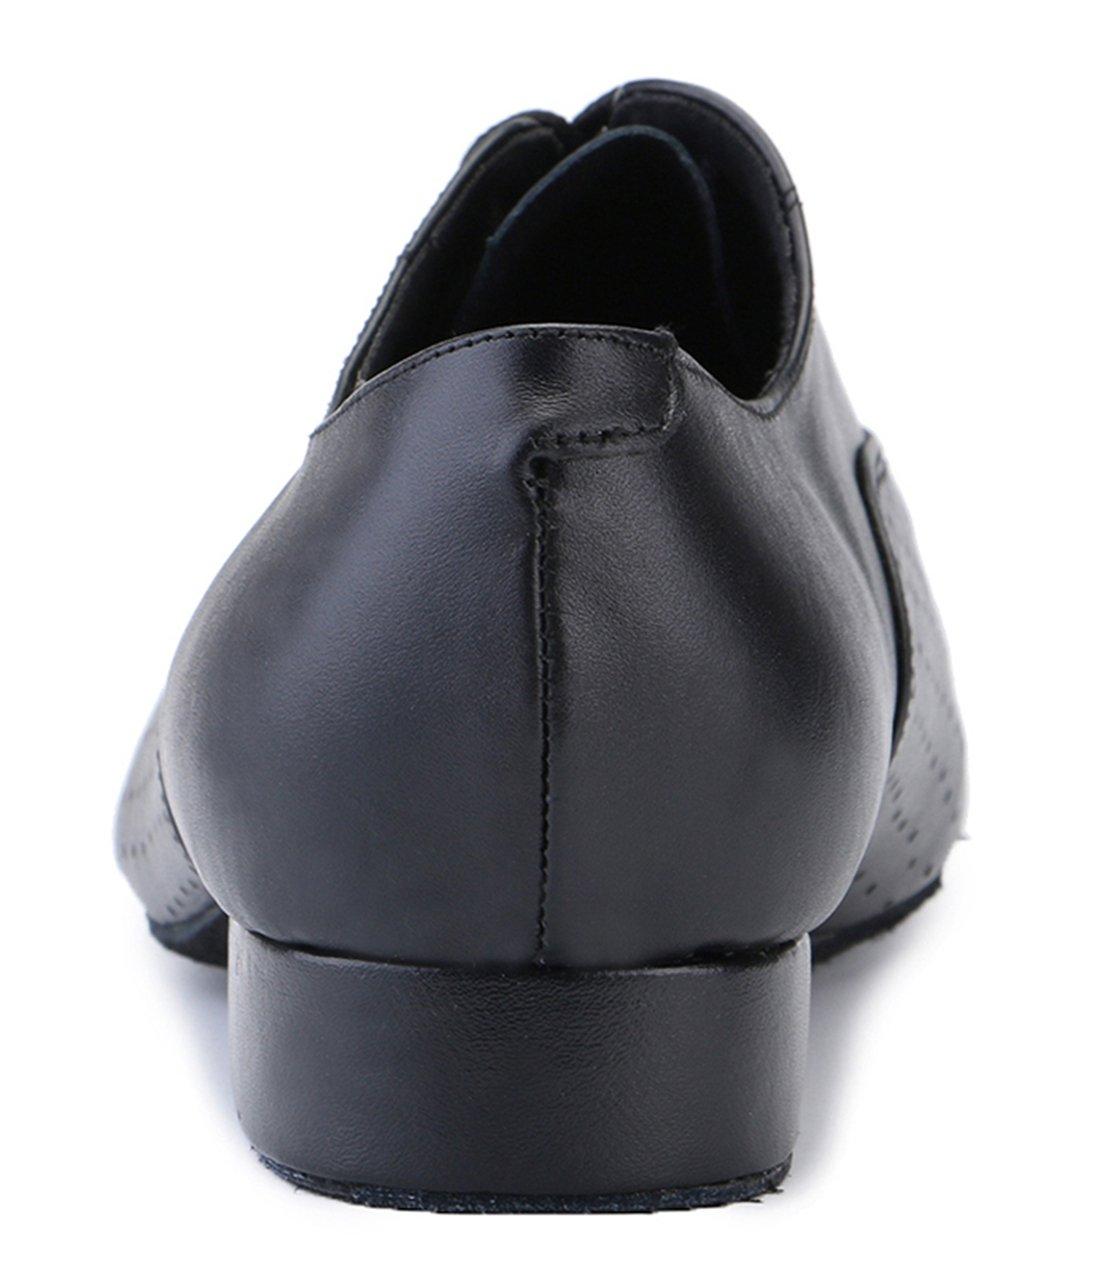 0bec20c49 TDA Zapatos clásicos de cuero con cordones para hombre Zapatos de boda de  baile latina Puñetazo negro-2.5cm talón